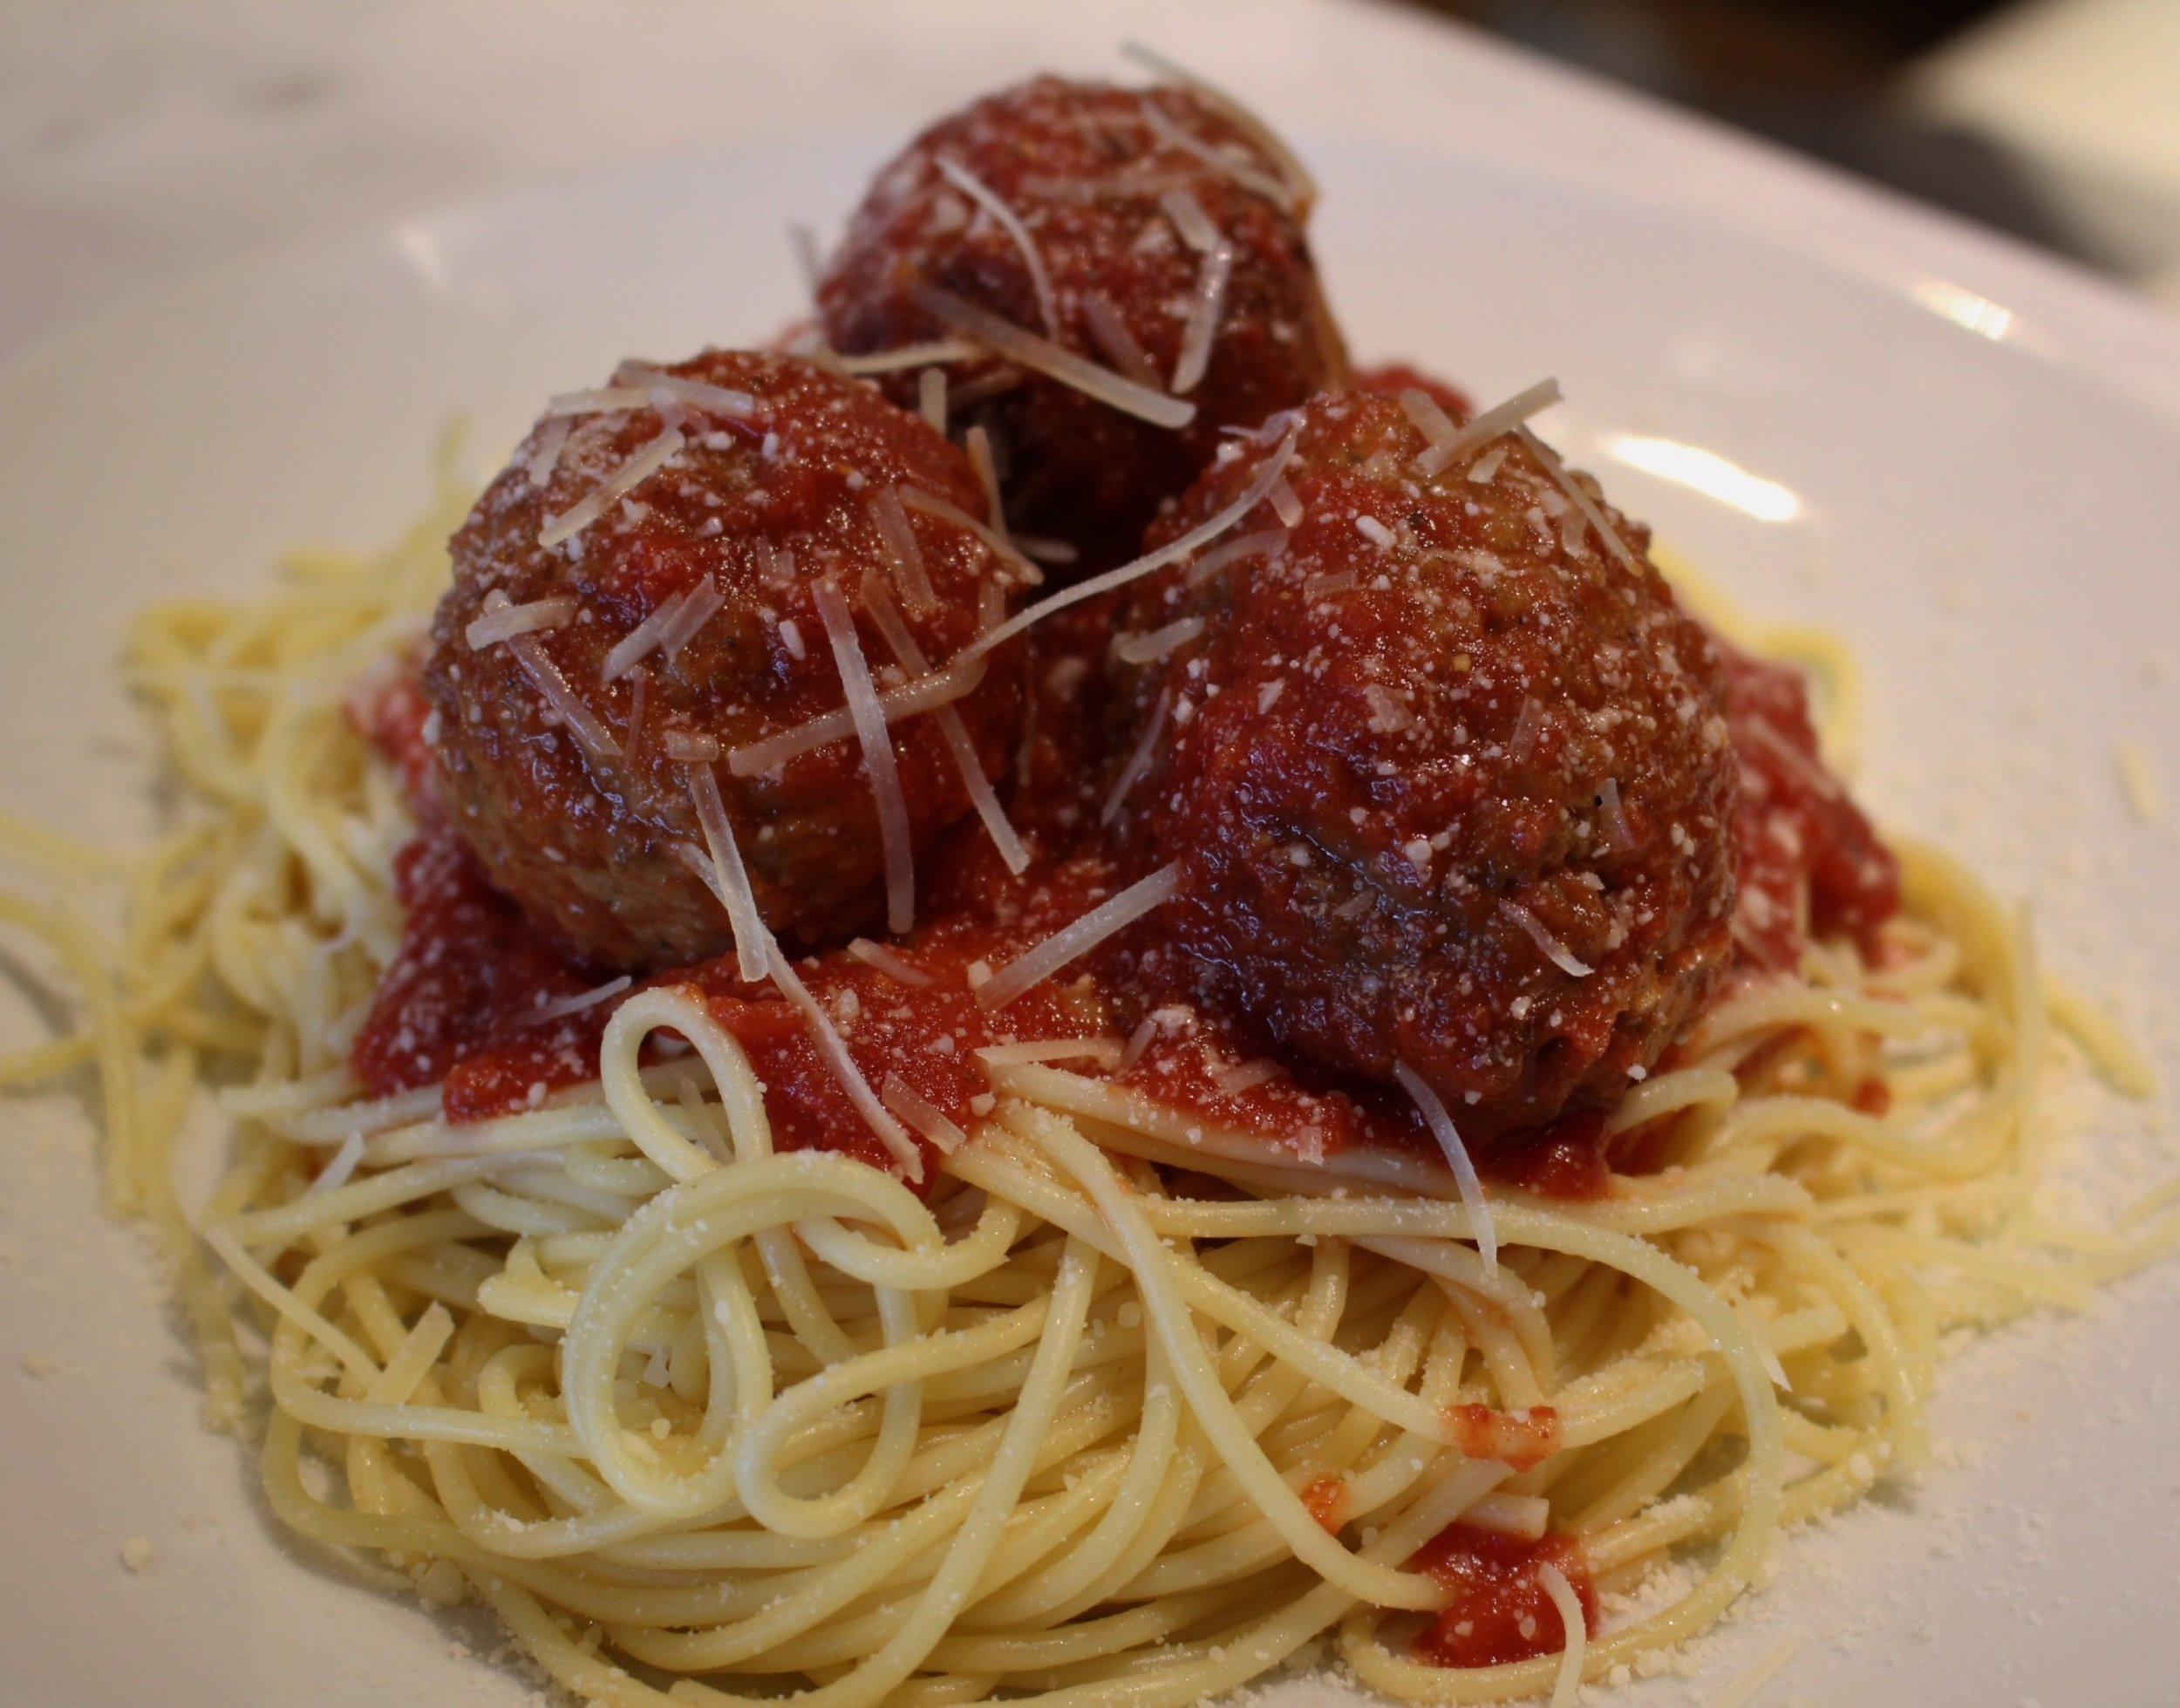 royal-roast-beef-spaghetti-and-meatballs.jpg